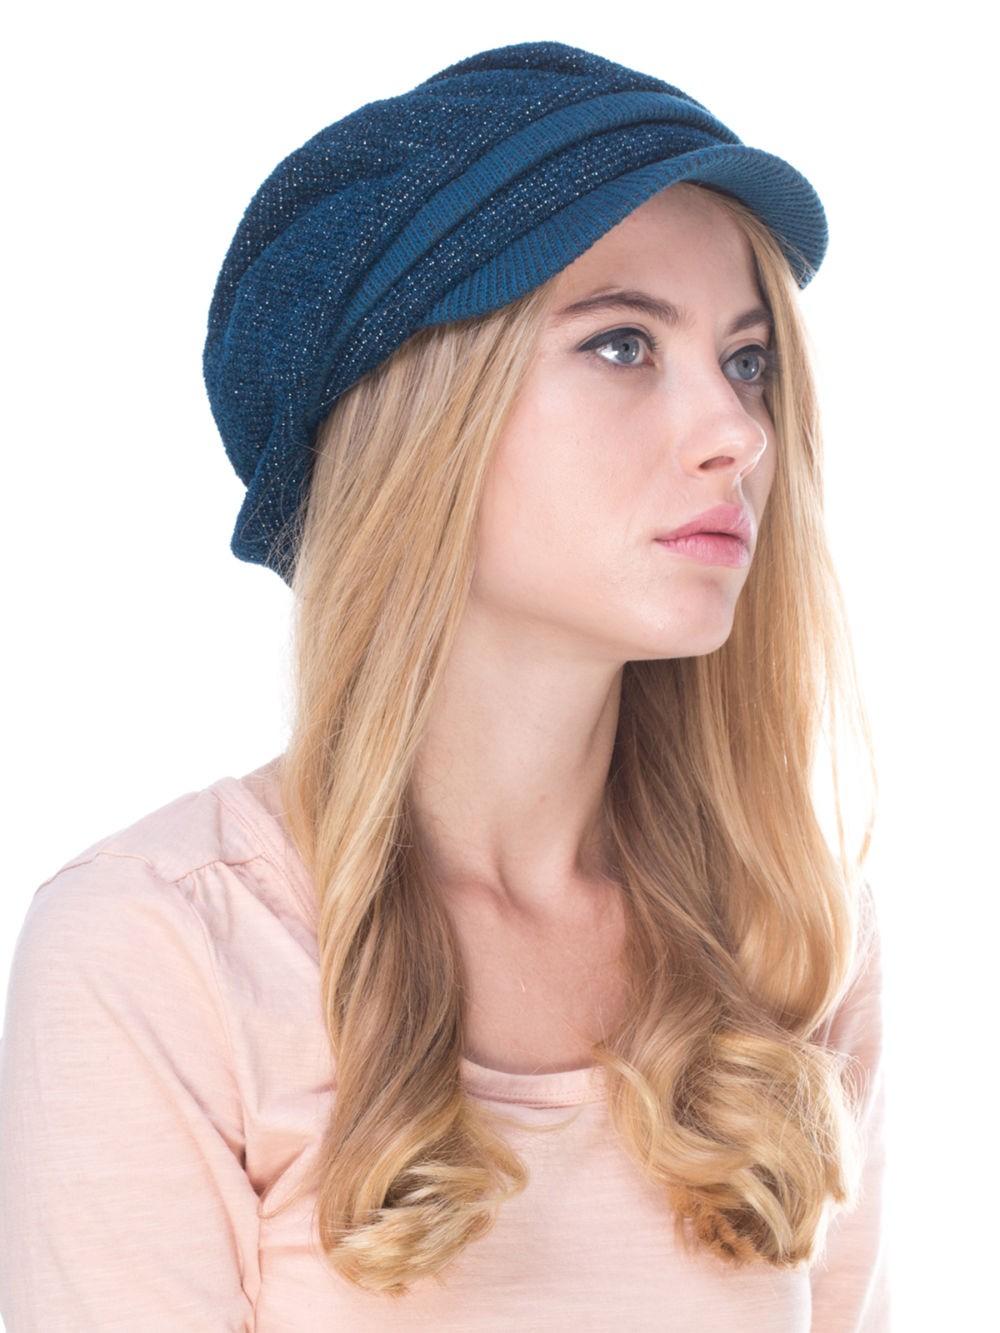 Модные головные уборы весна лето 2018: кепка  объемная синяя вязка